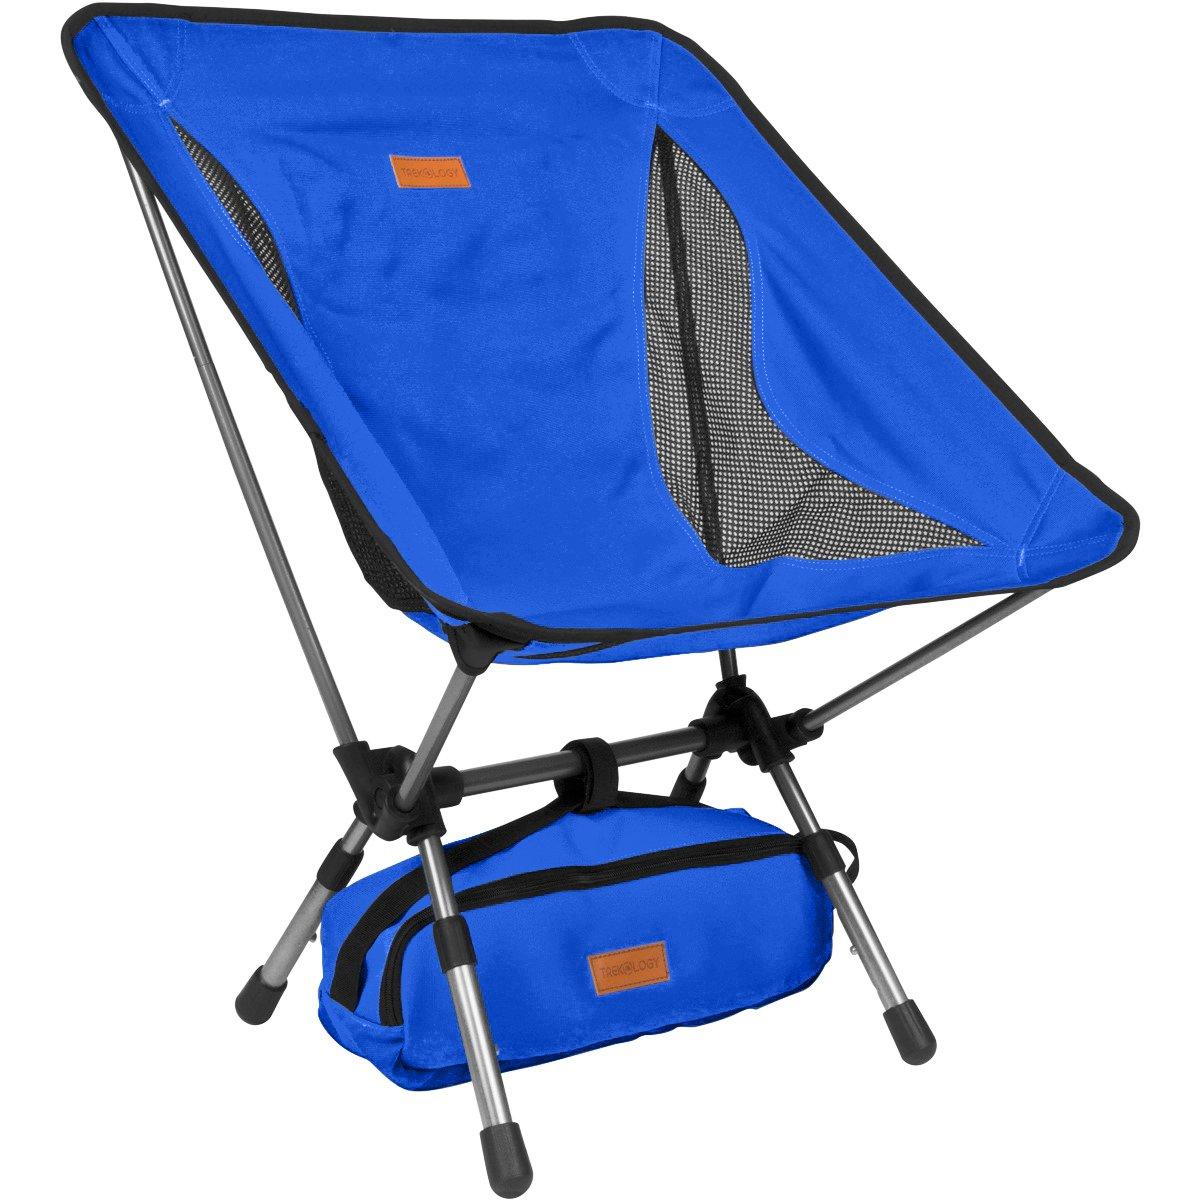 Trekology Yiziは高さ調節可能なポータブルキャンプチェア - コンパクトな超軽量折りたたみ式の背もたれの椅子、キャリーバッグ、ヘビーデューティー300 Lbの容量で、ハイカー、キャンプ、ビーチ、アウトドア用 B078QXLPVM 青 青